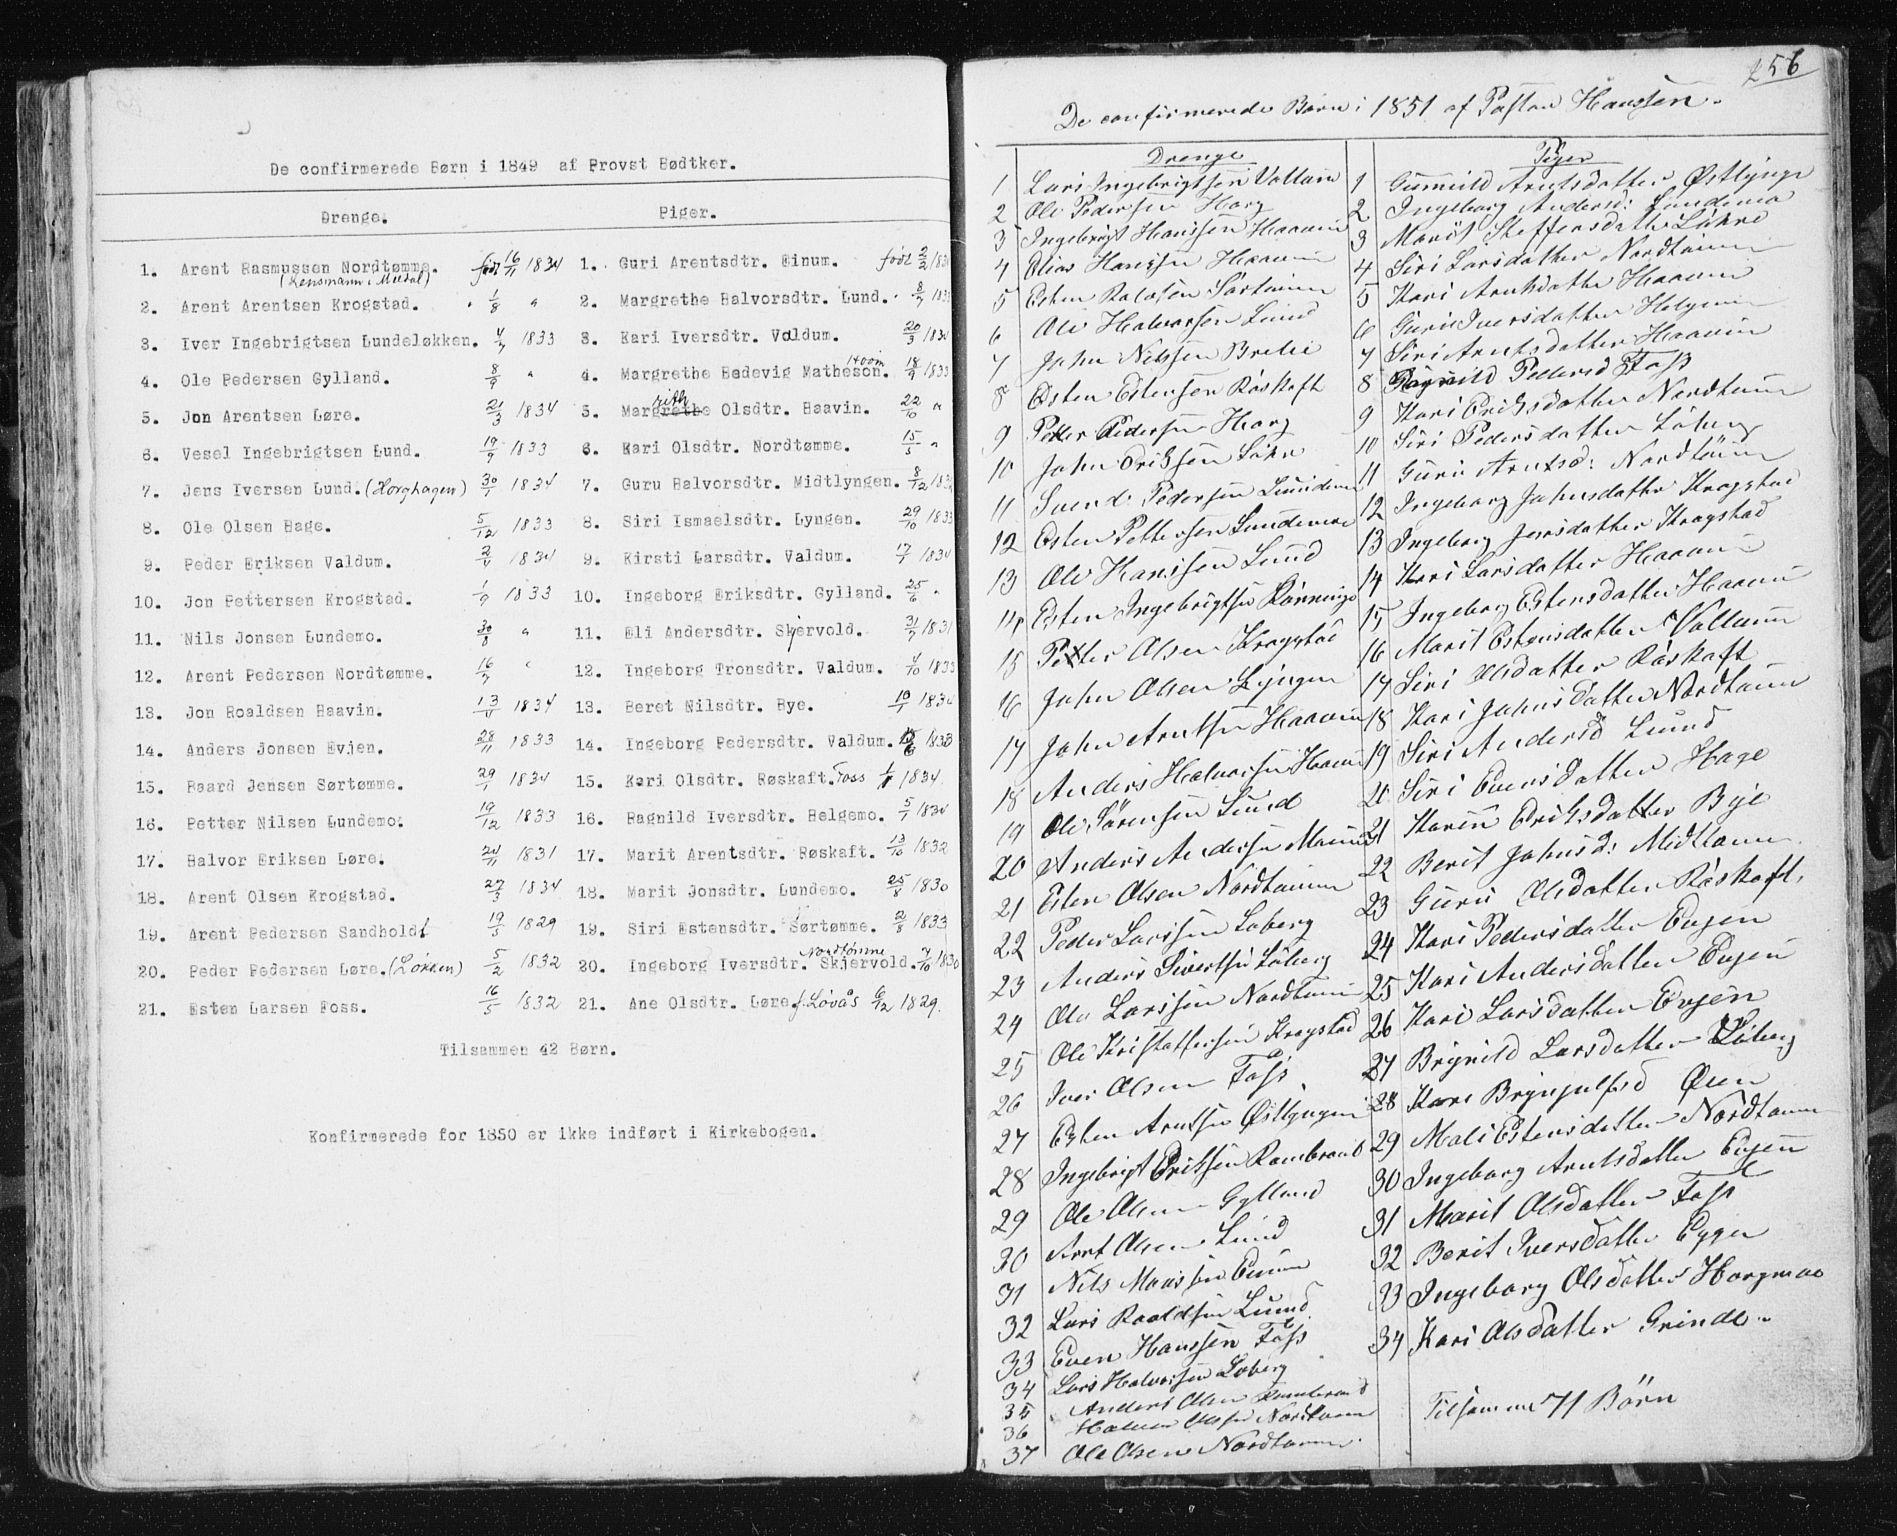 SAT, Ministerialprotokoller, klokkerbøker og fødselsregistre - Sør-Trøndelag, 692/L1110: Klokkerbok nr. 692C05, 1849-1889, s. 256